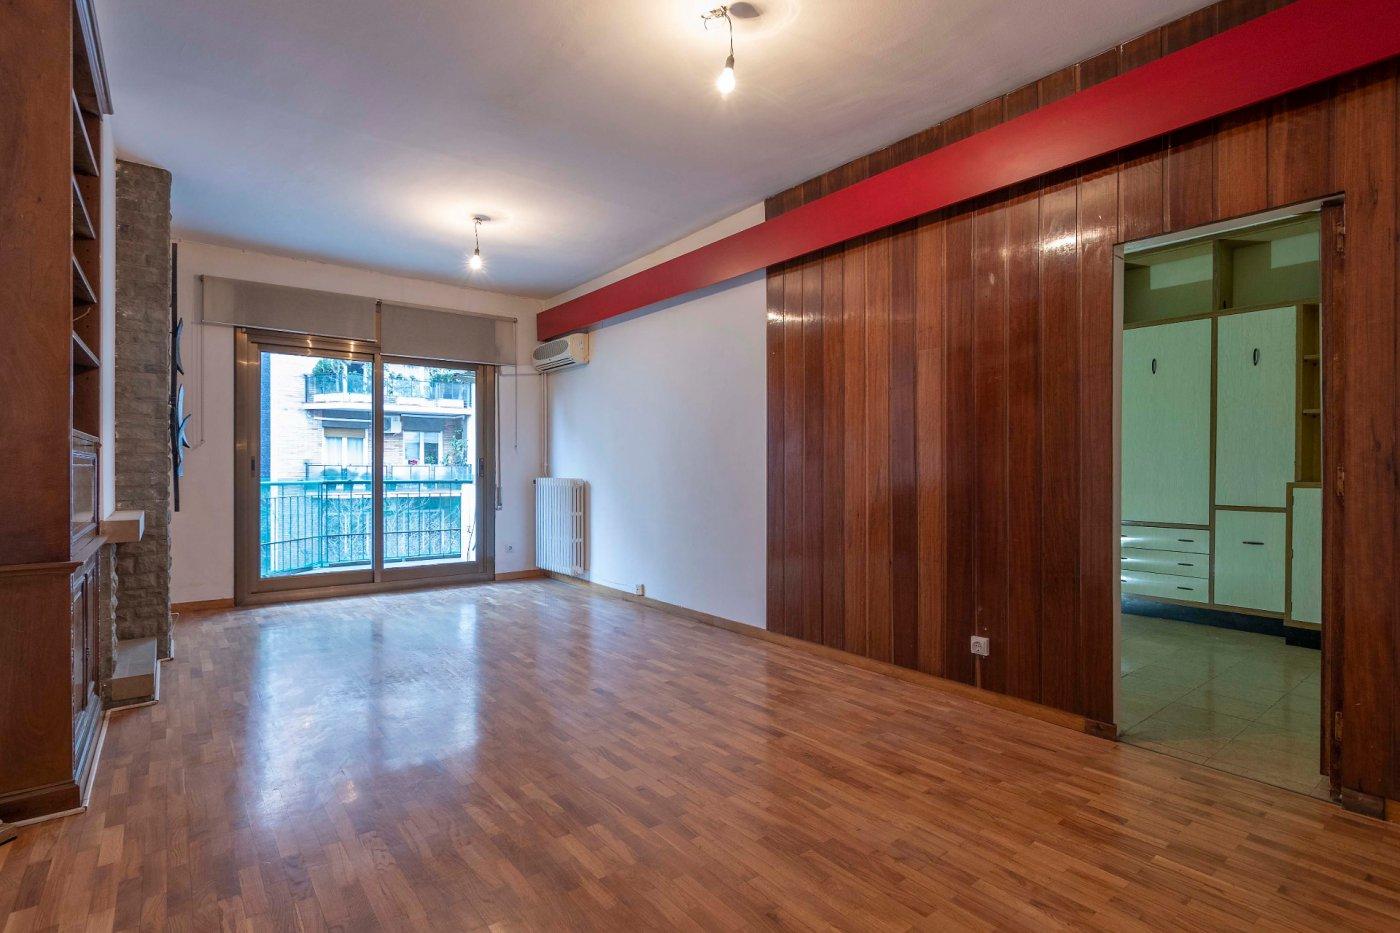 Apartamentos - alm-villarroel220